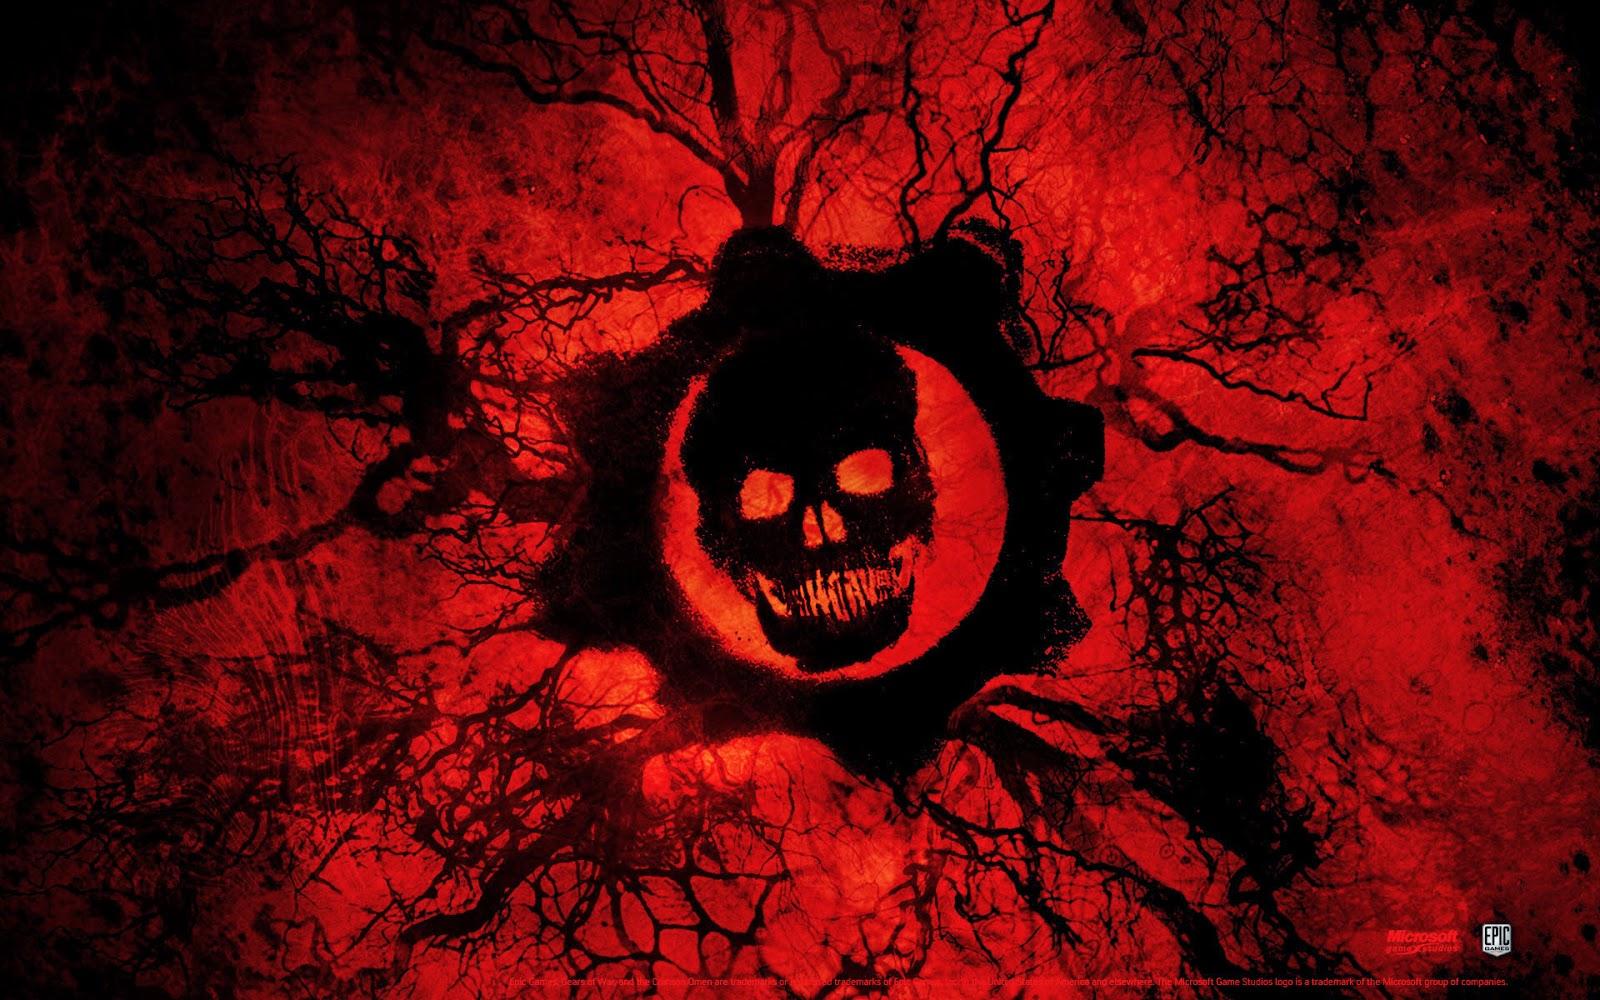 Руководитель новой части Gears of War рассказал подробности о проекте